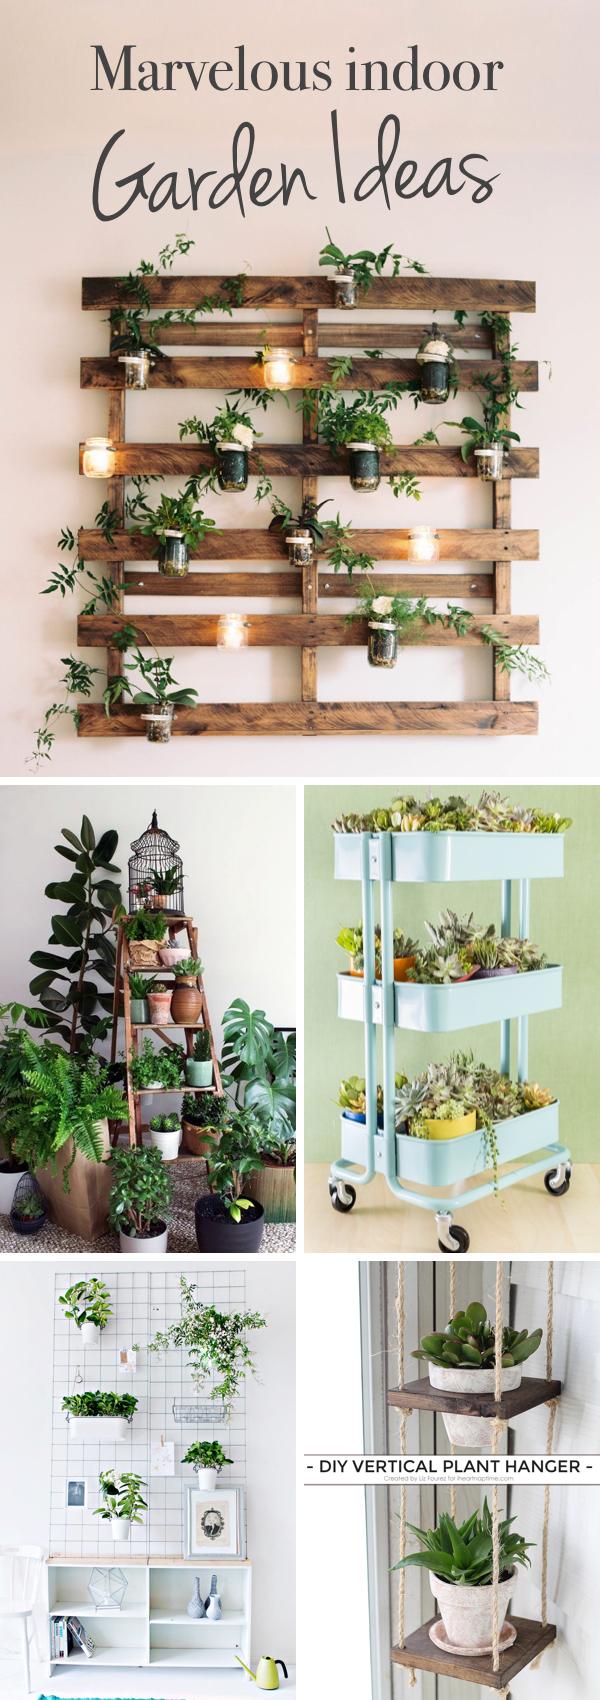 Marvelous Indoor Garden Ideas